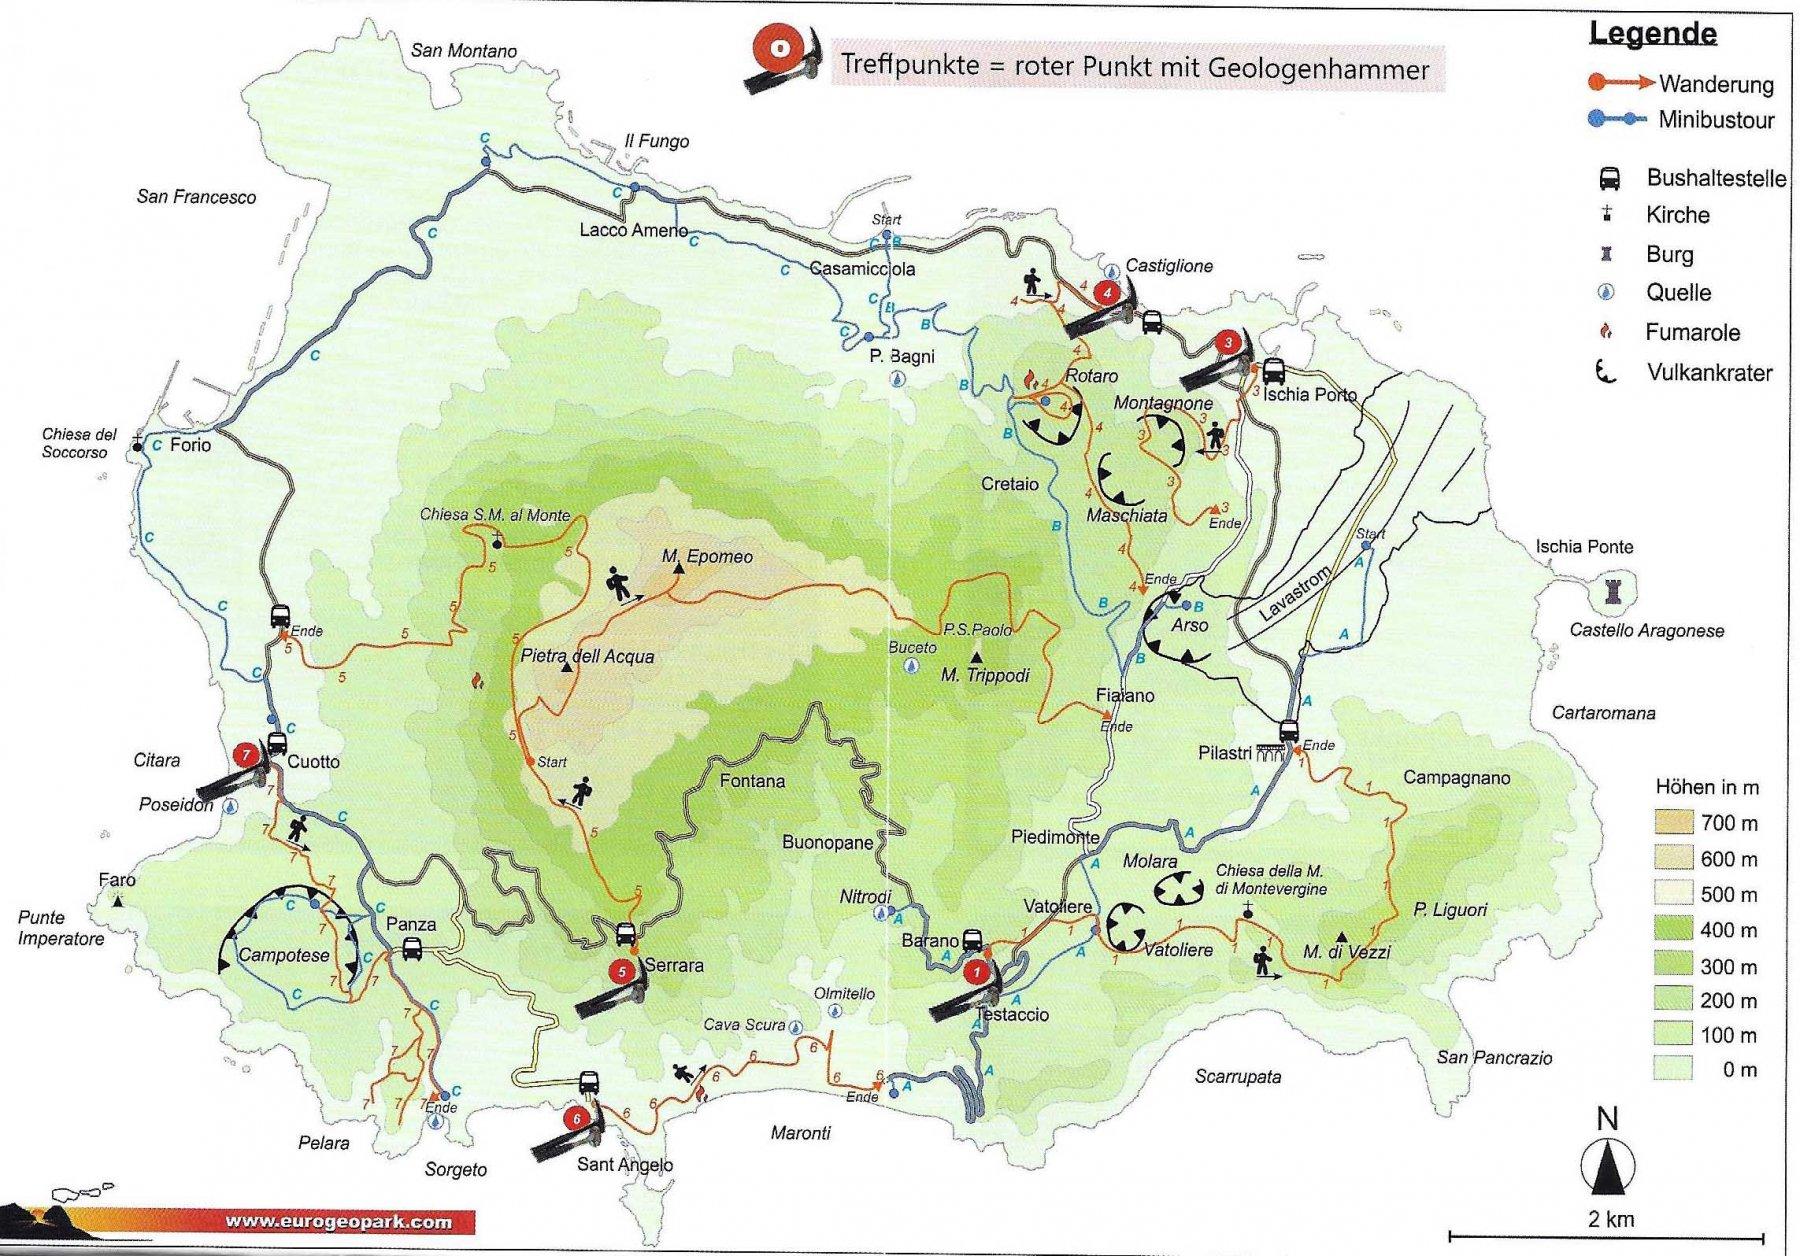 Carta itinerari in tedesco